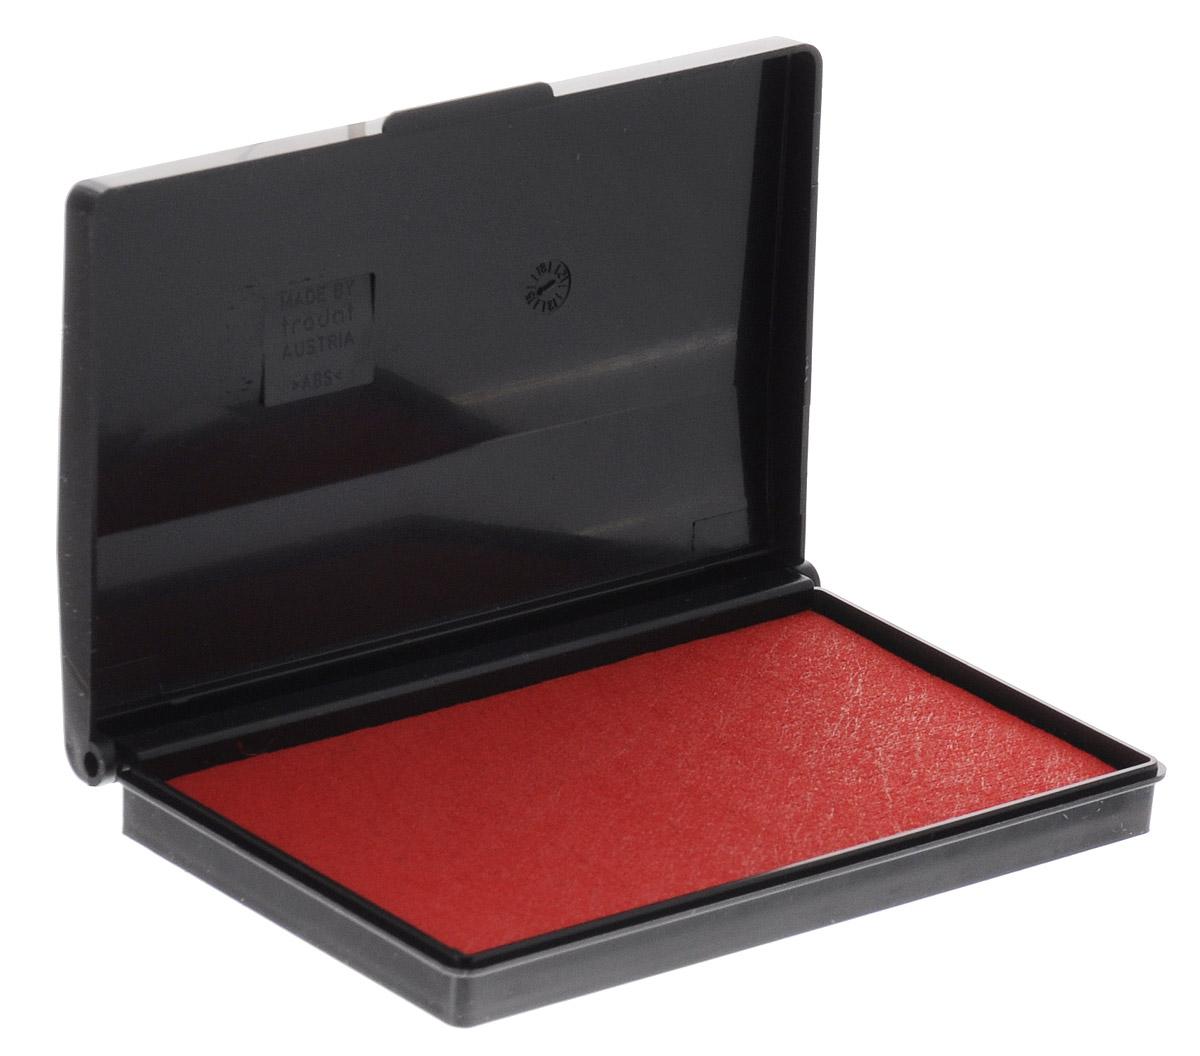 Trodat Штемпельная подушка цвет красный 9 х 5 см9051/ЧШтемпельная подушка Trodat станет незаменимым предметом в отделе кадров или в бухгалтерии любой компании. Настольная штемпельная подушка красного цвета в пластиковом корпусе имеет универсальный слой, который можно заправлять штемпельной краской как на водной, так и на спиртовой основе. Используется для окрашивания ручных штампов, изготовленных из резины и полимера. Не высыхает в открытом состоянии на протяжении длительного времени. Оттиск с краской на водной основе Trodat сохраняет первоначальный вид на протяжении десятилетий. Штемпельная подушка Trodat предназначена для ежедневного использования в офисе. Идеально подходит к самым разным требованиям в повседневной офисной жизни.